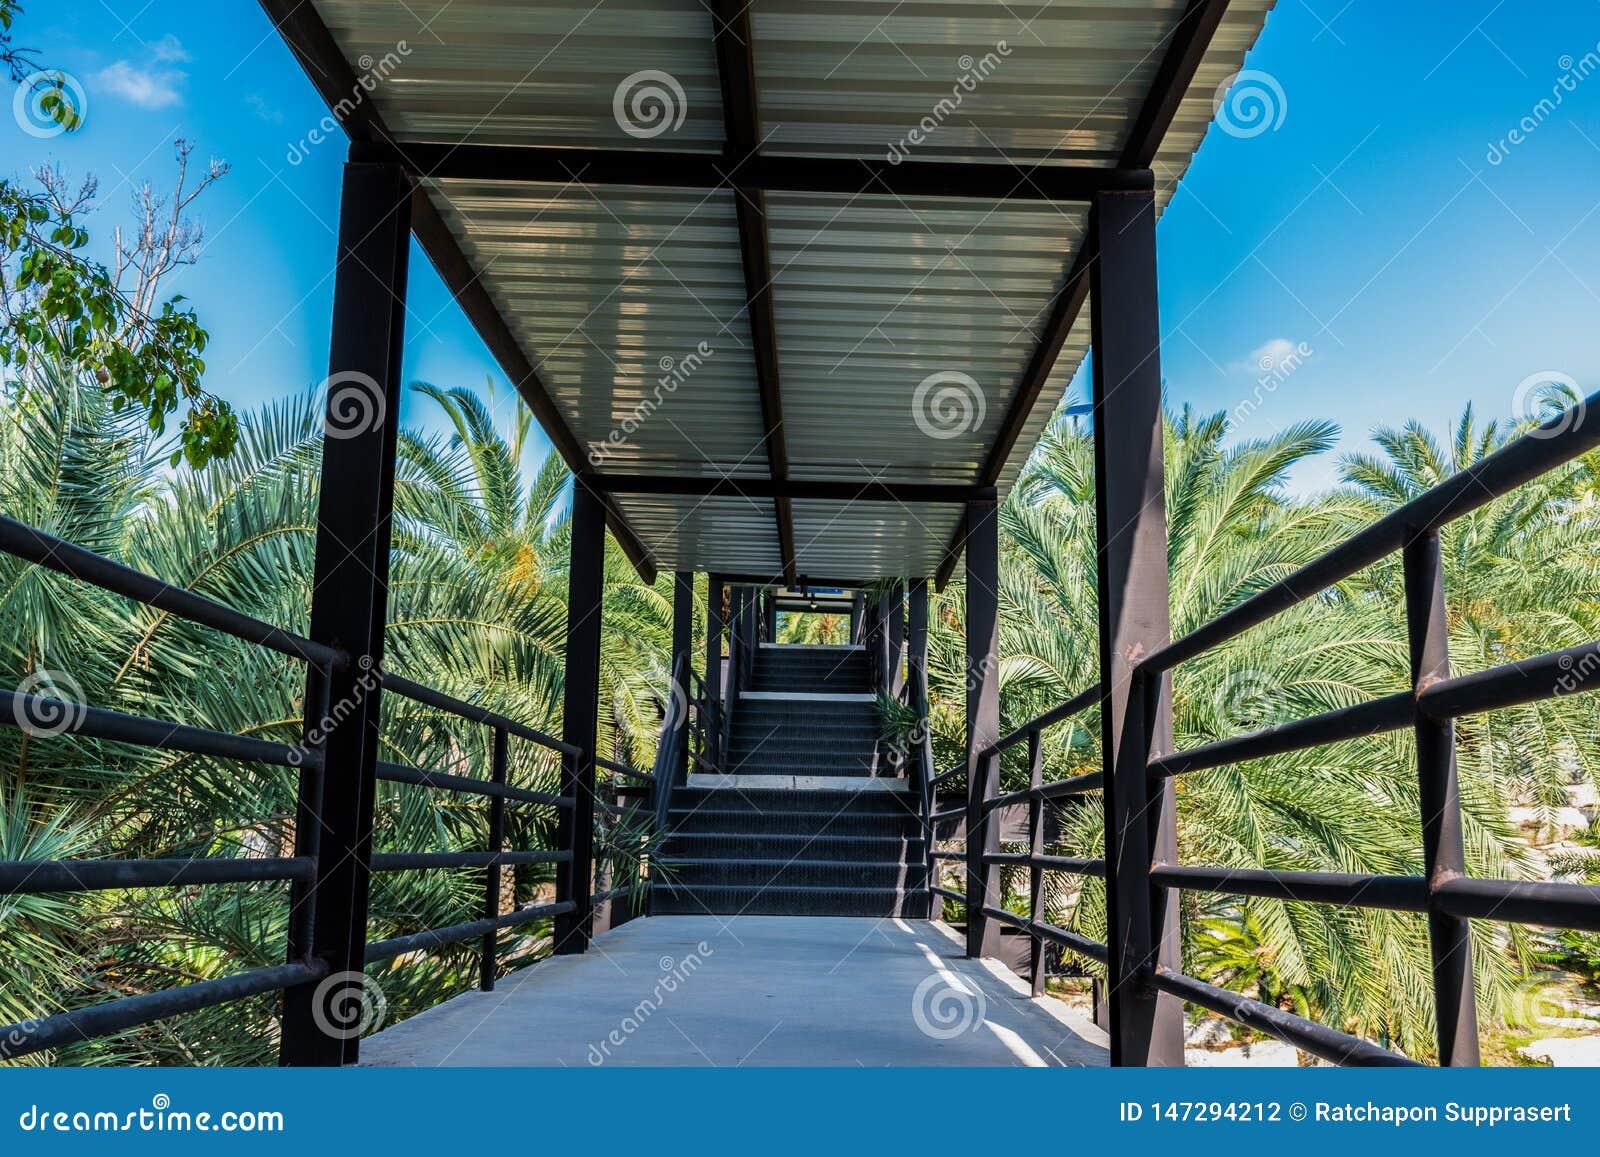 Garden walkway bridge go to viewpoint